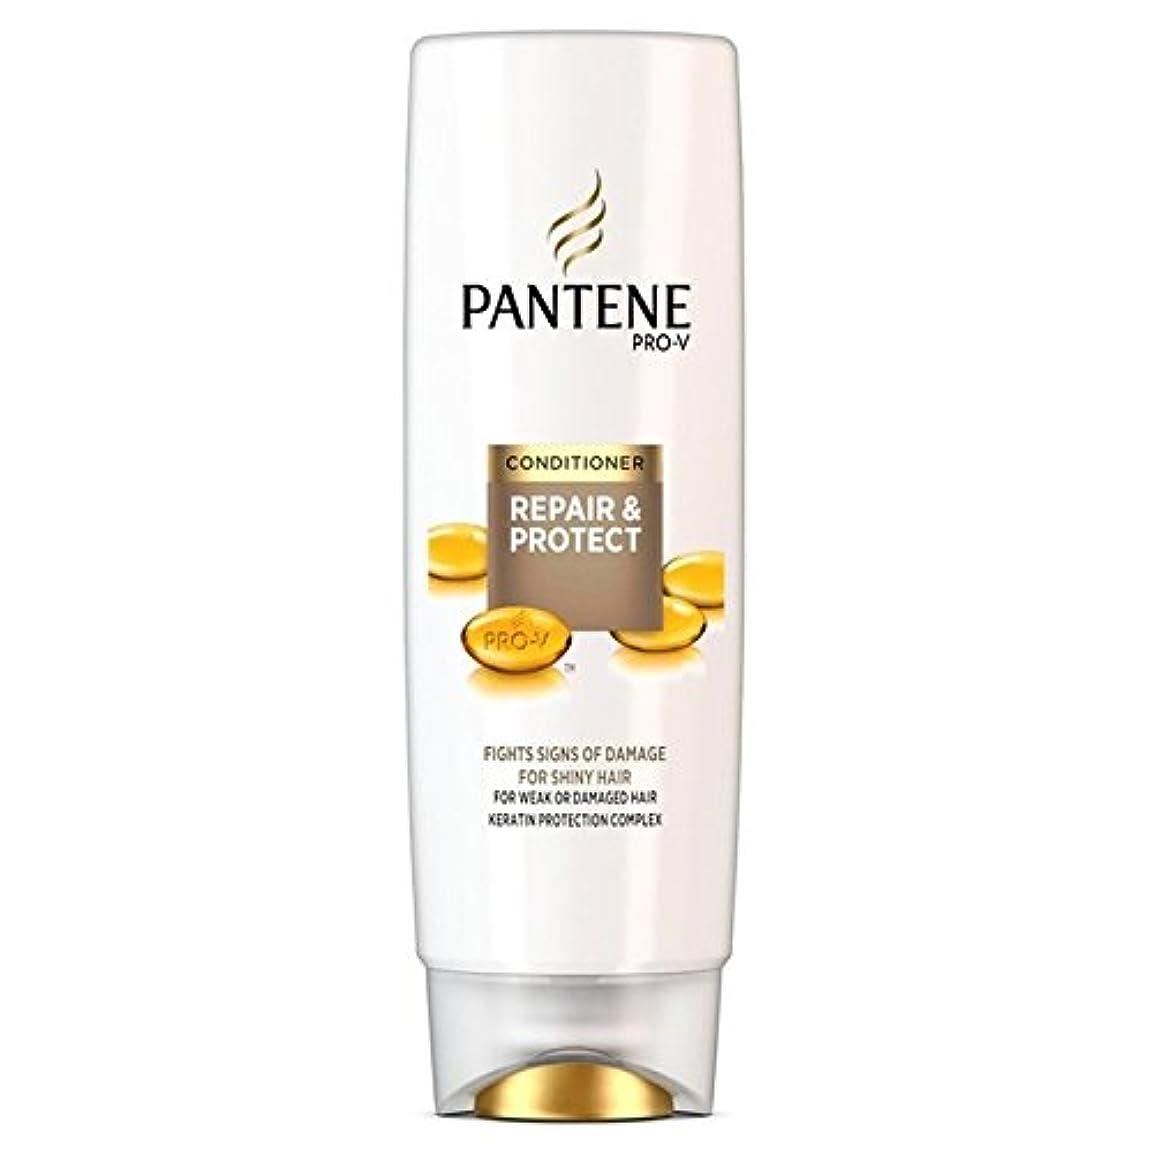 満たすむさぼり食う別にパンテーンコンディショナーの修理&弱いか、傷んだ髪の250ミリリットルのための保護 x2 - Pantene Conditioner Repair & Protect For Weak Or Damaged Hair 250ml (Pack of 2) [並行輸入品]